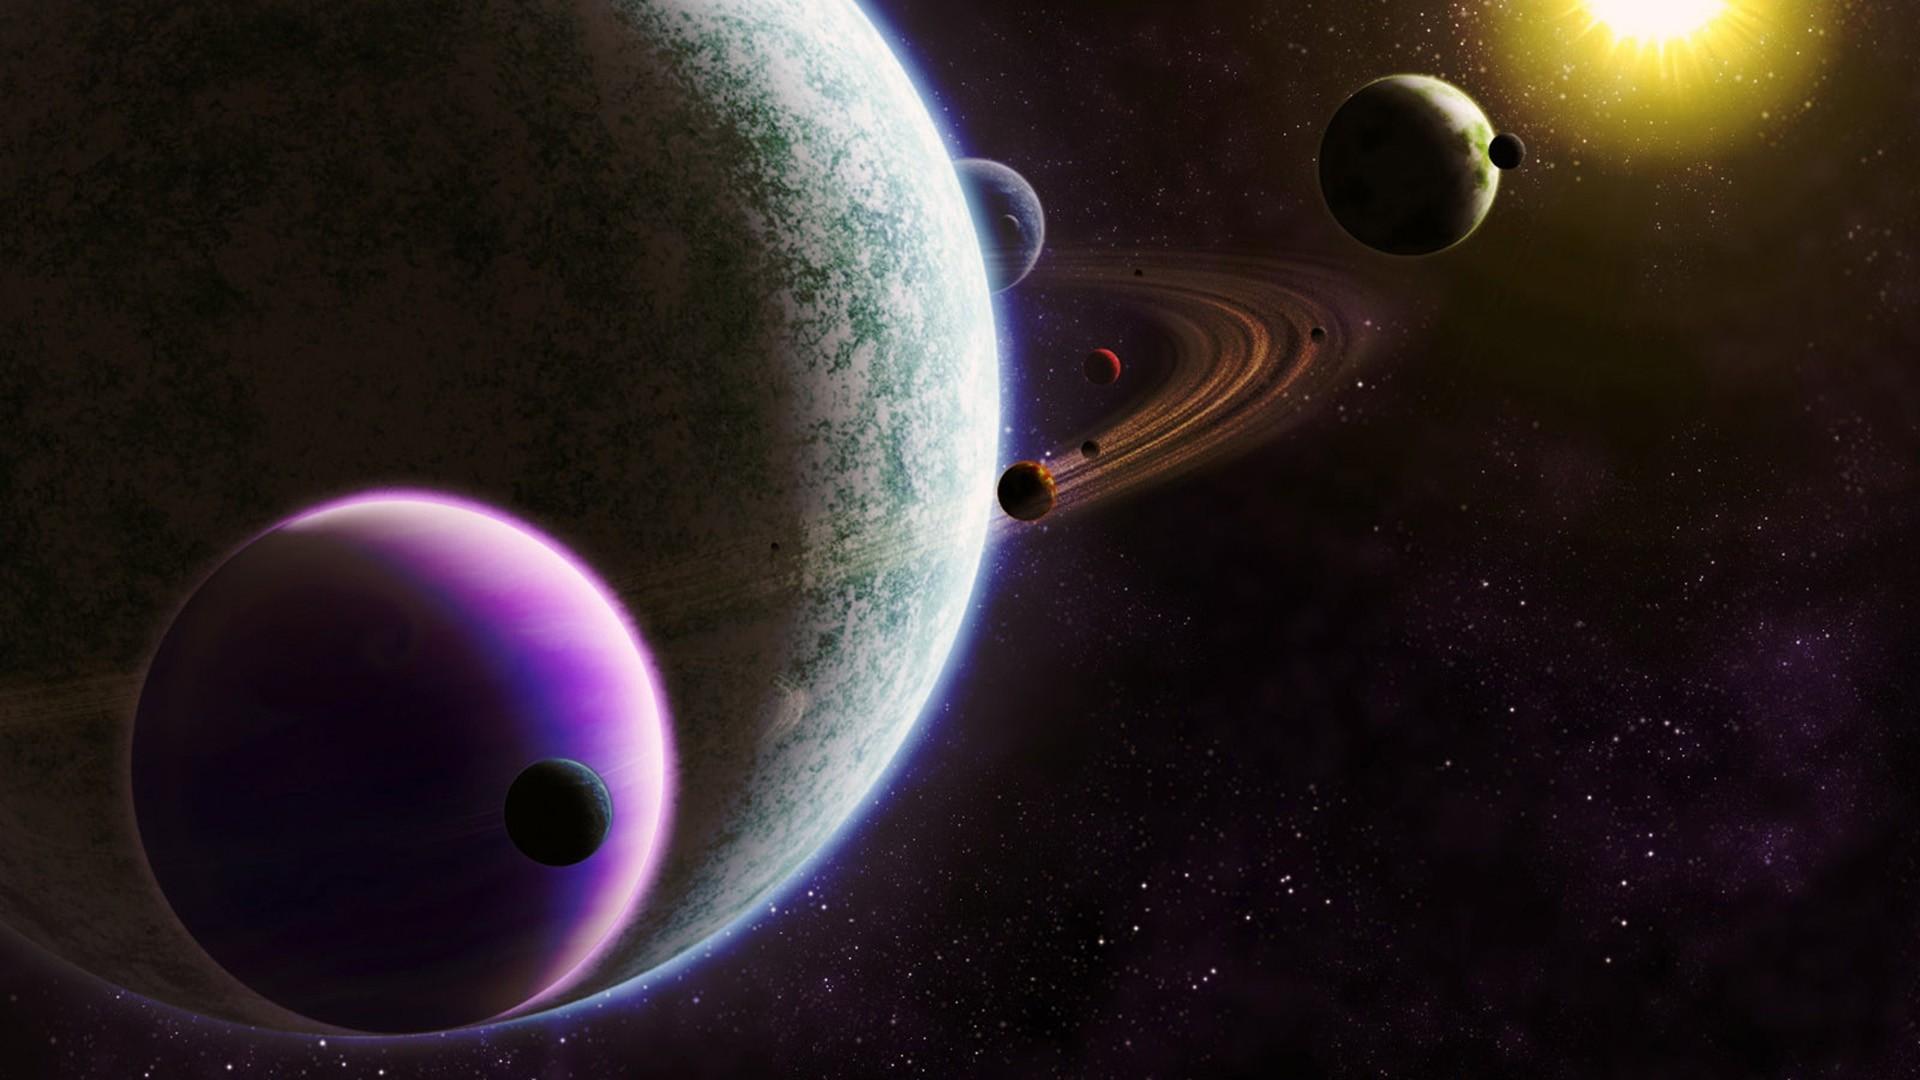 Solar System Wallpaper Live Wallpaper Of Solar System